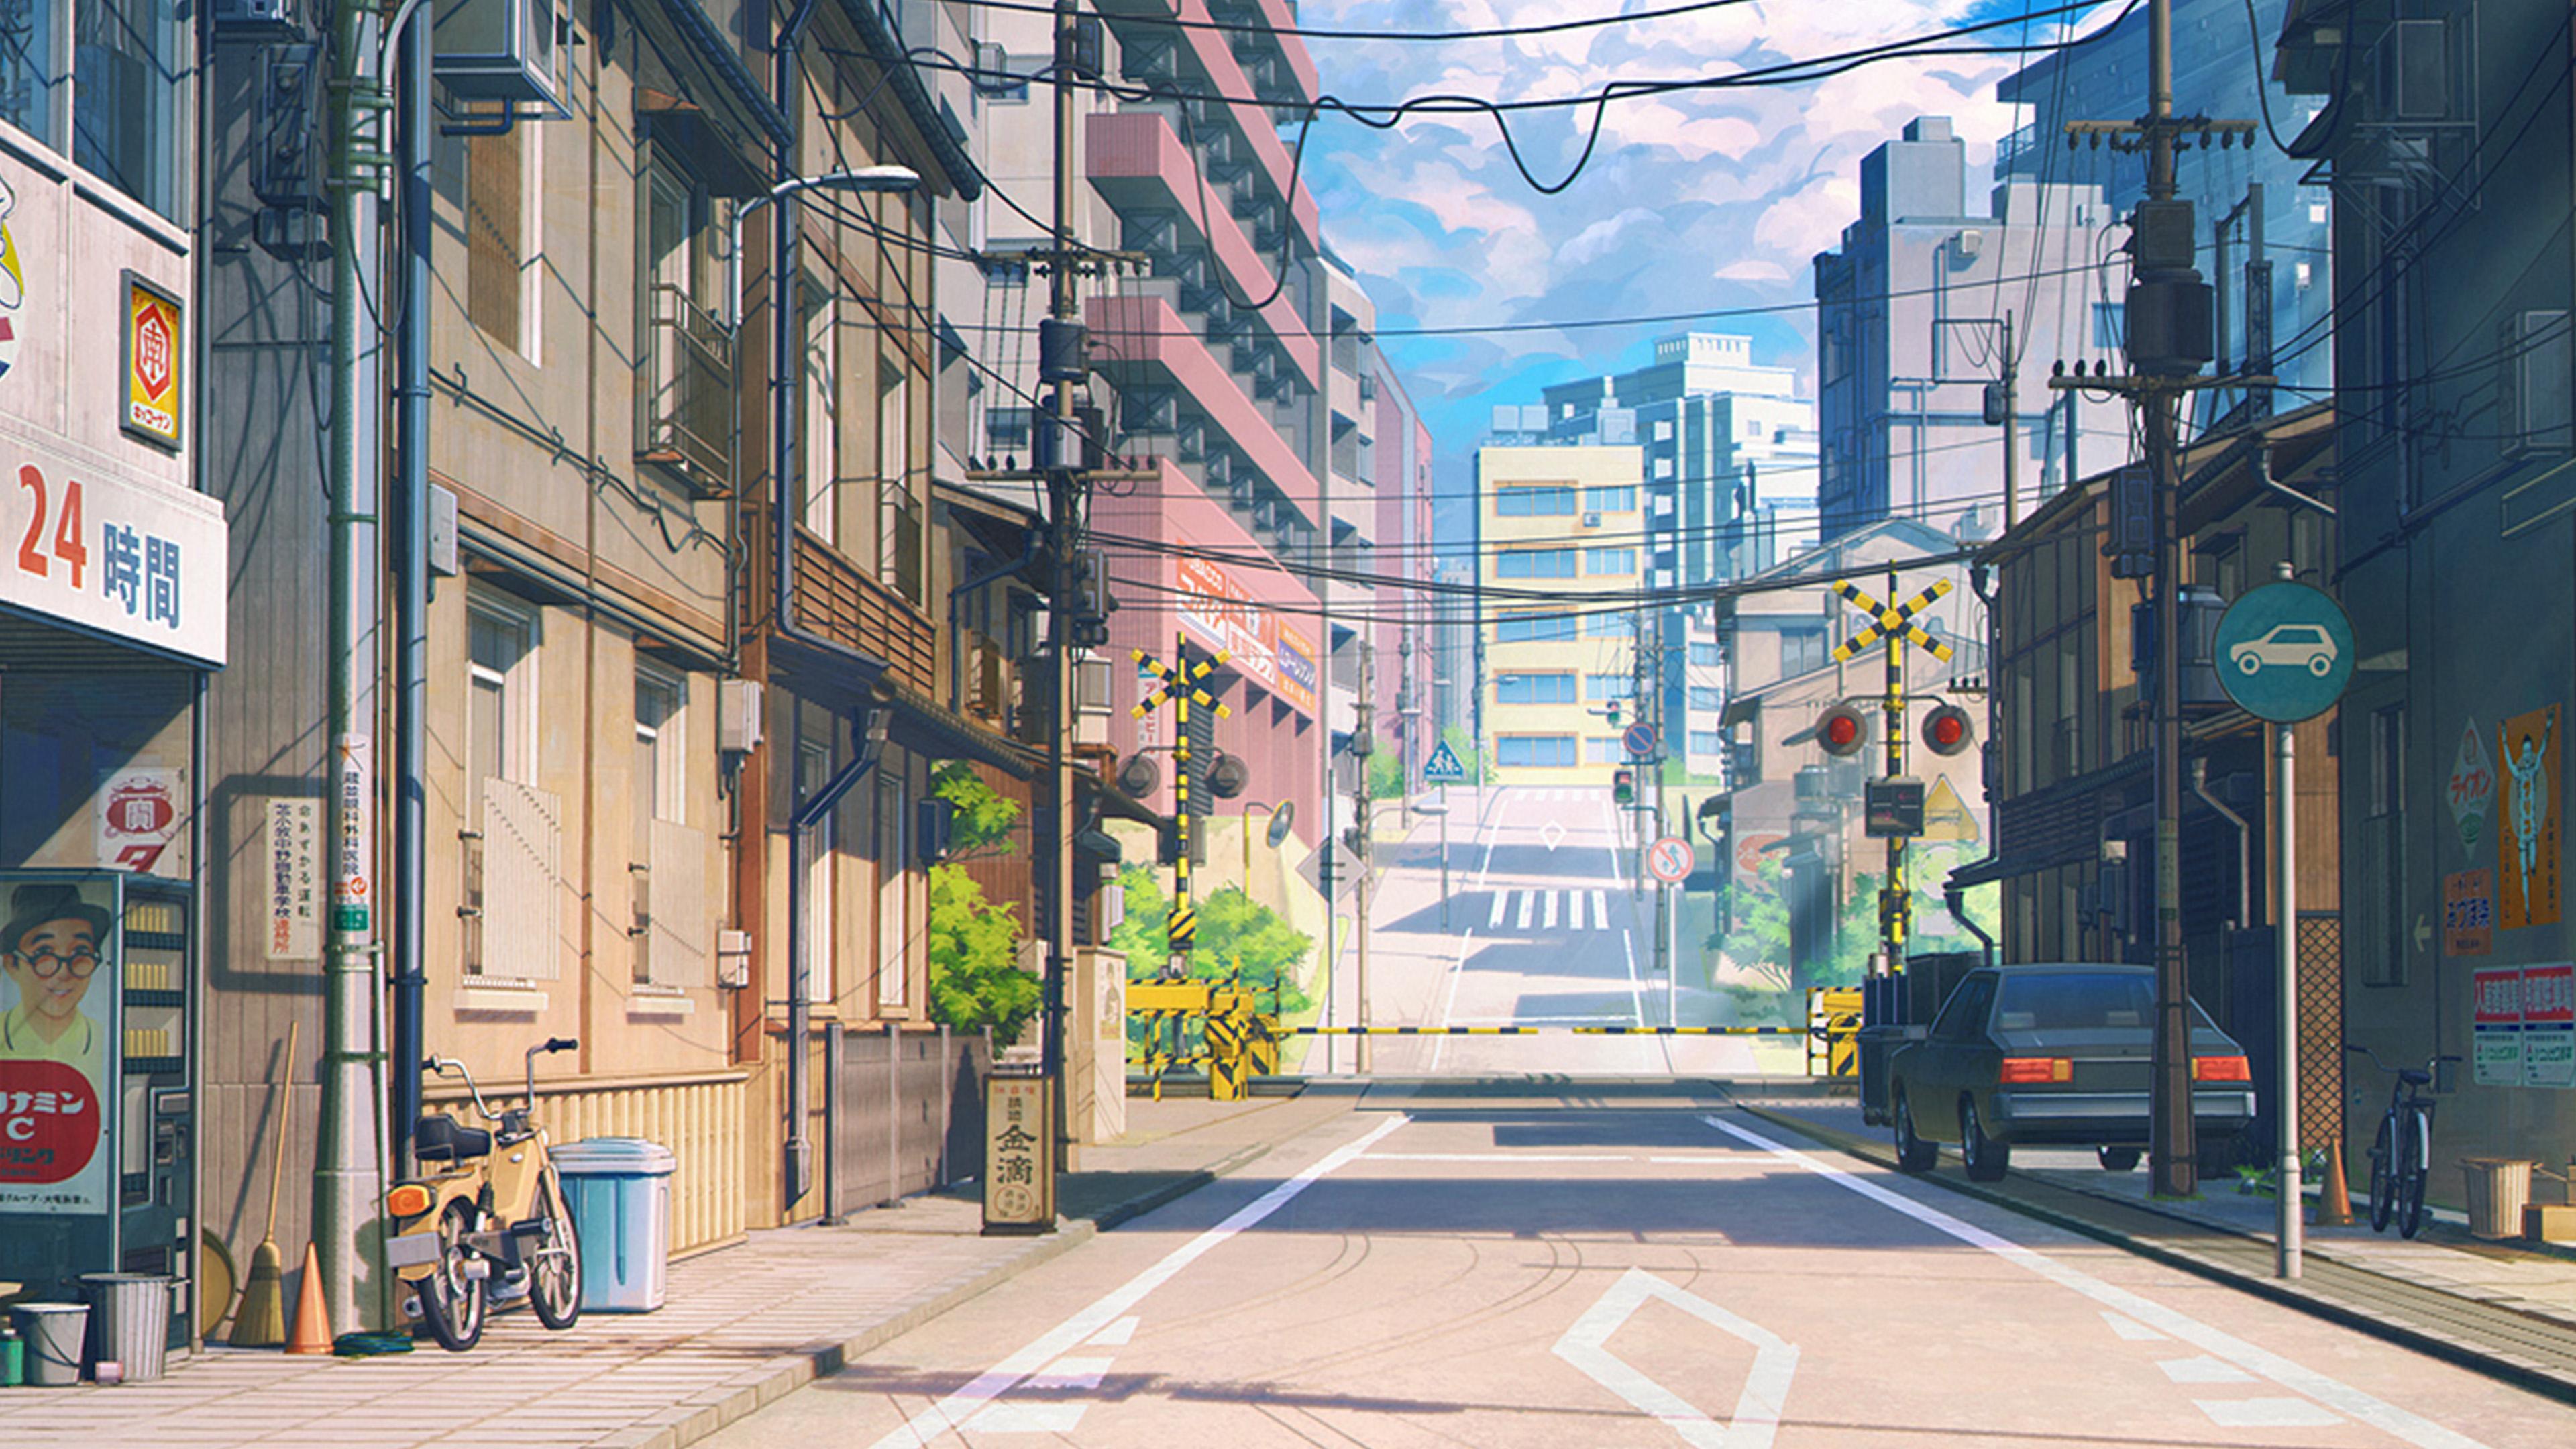 wallpaper for desktop, laptop | bf38-jibli-art-ilust-anime ...